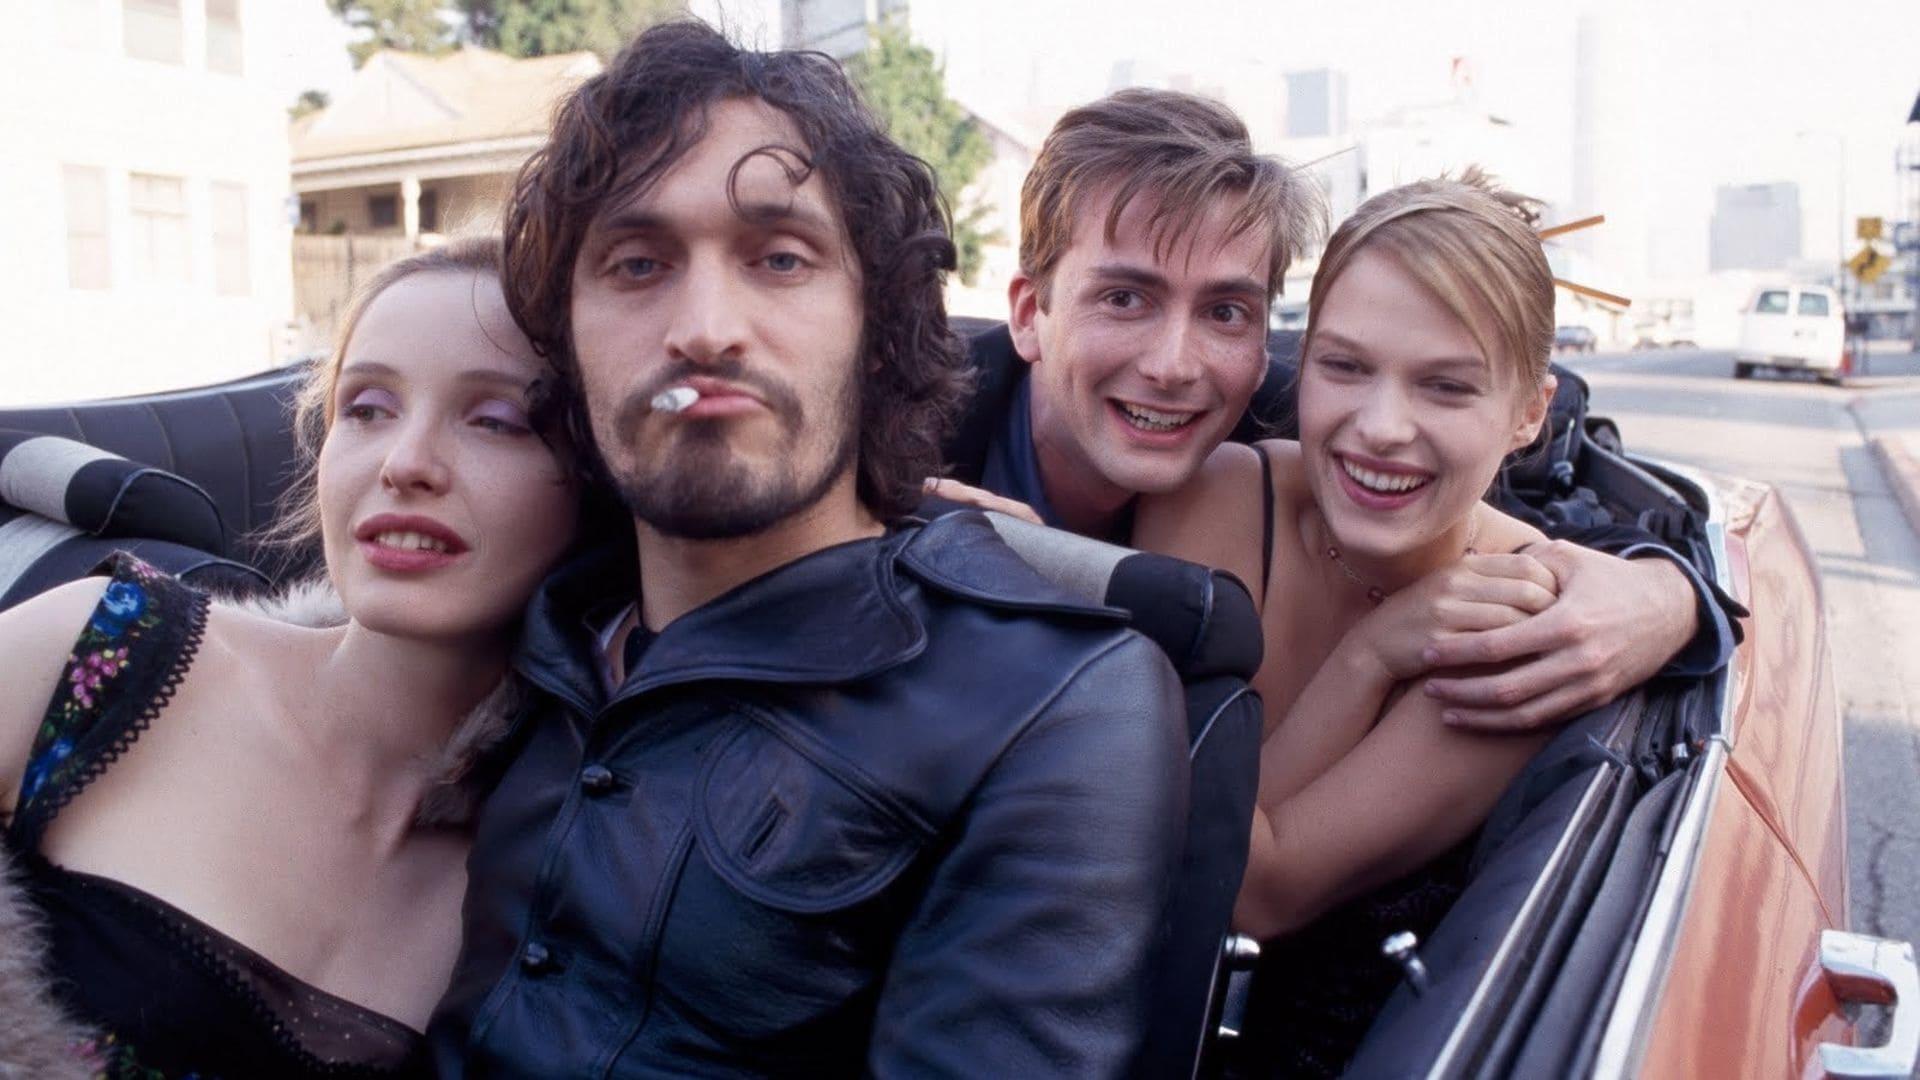 Лос-Анджелес без карты (1999)